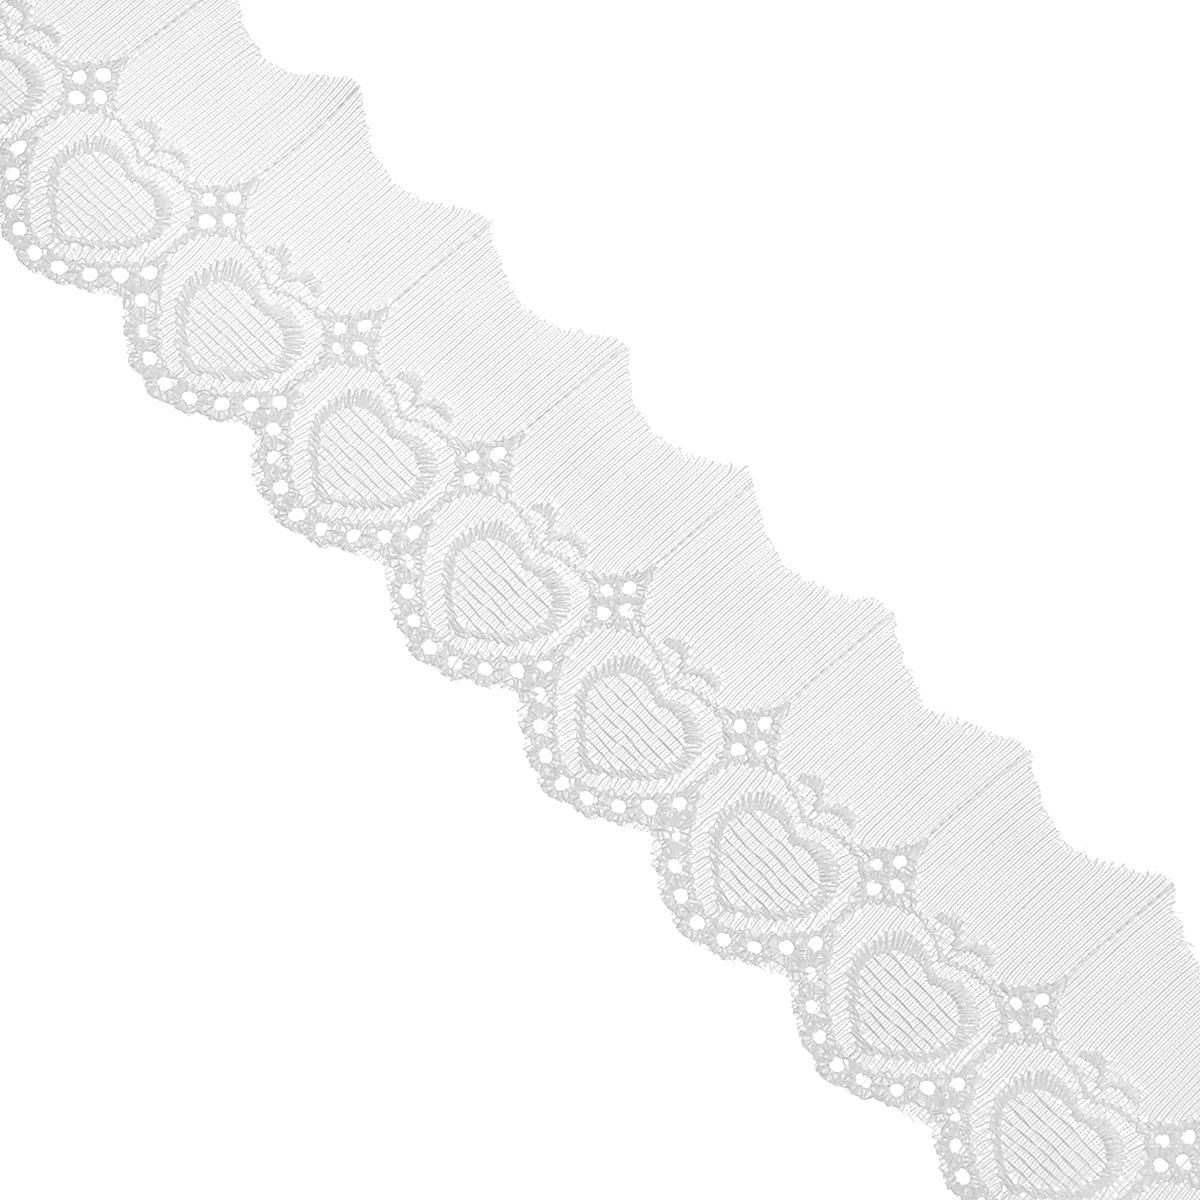 Тесьма отделочная Астра, цвет: белый, ширина 5,5 см, длина 9 м. 77043717704371Отделочная тесьма Астра, изготовленная из хлопка, предназначена для декорирования. Такая тесьма может создает эффект ручной работы на предмете одежды, что придаст ей неповторимость, сэкономив при этом ваше время на создание изделия. Также она идеально подойдет для оформления различных творческих работ таких, как скрапбукинг, аппликация, декор коробок и открыток и многое другое. Тесьма наивысшего качества практична в использовании. Она станет незаменимым элементом в создании рукотворного шедевра. Ширина: 5,5 см. Длина: 9 м.